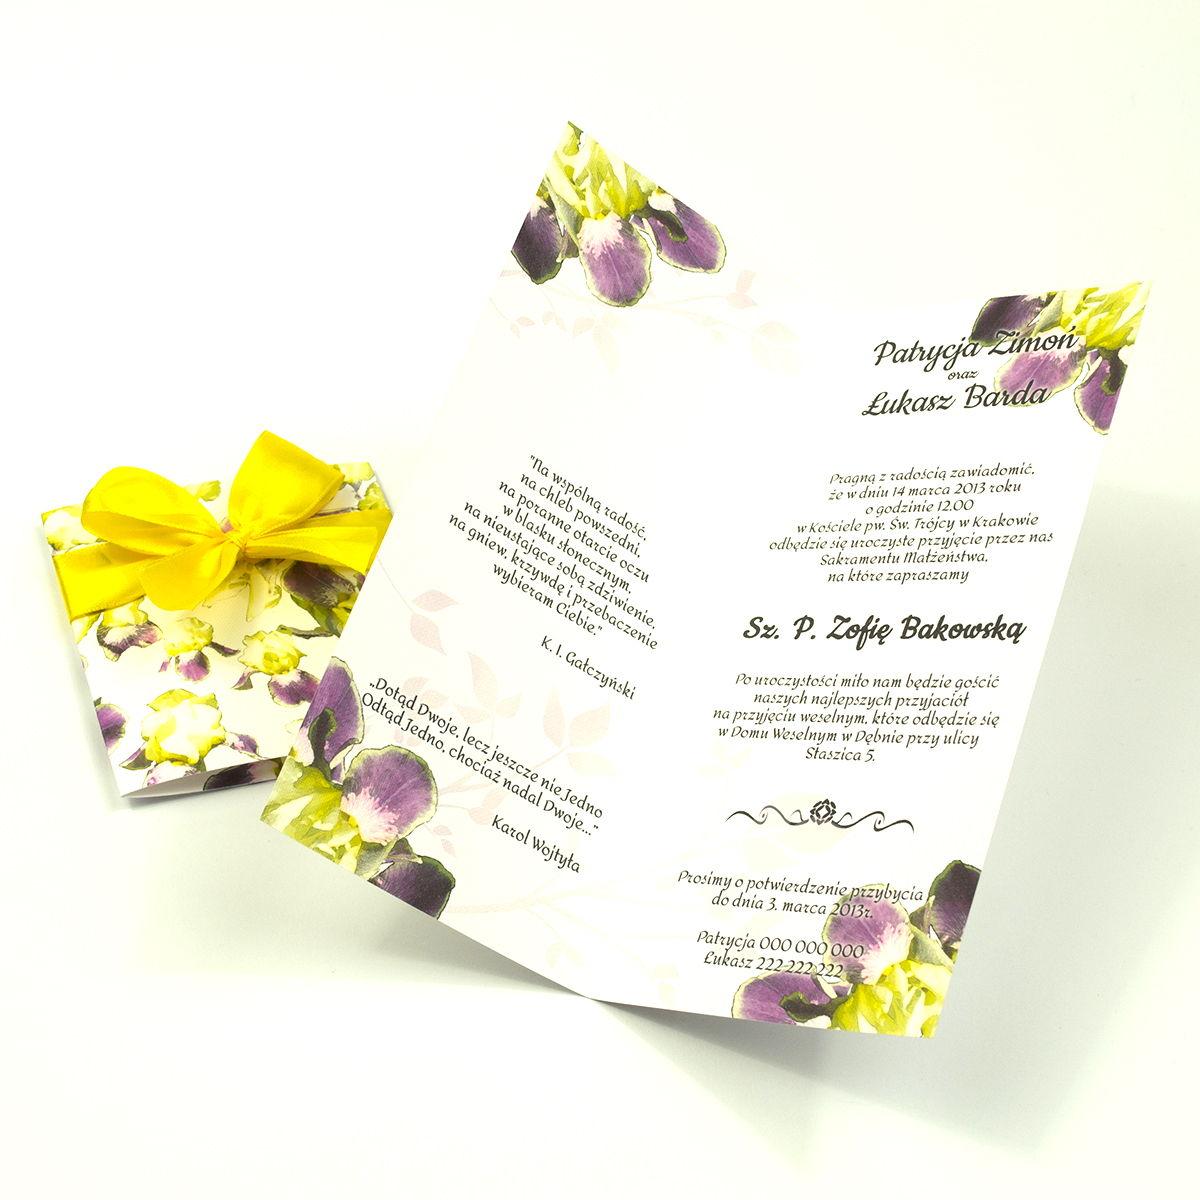 Niebanalne kwiatowe zaproszenia ślubne. Kwiaty - zółto-fioletowe irysy, żółta wstążka i wnętrze wkładane w okładkę. ZAP-90-15